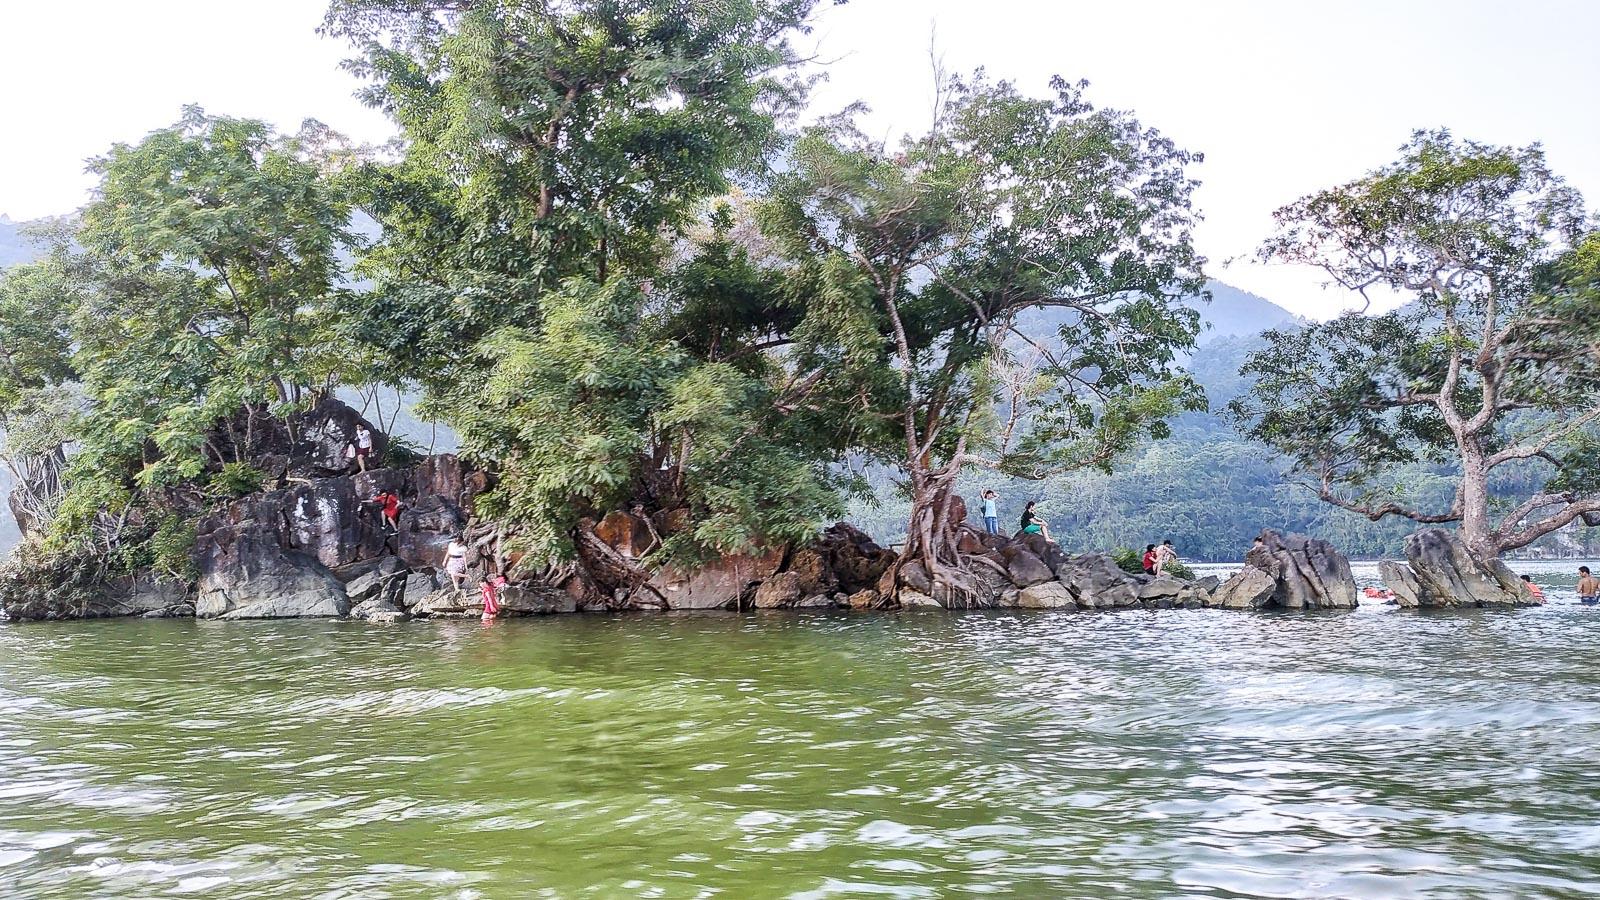 Đạp xe khám phá vùng lõi rừng quốc gia Ba Bể - 5